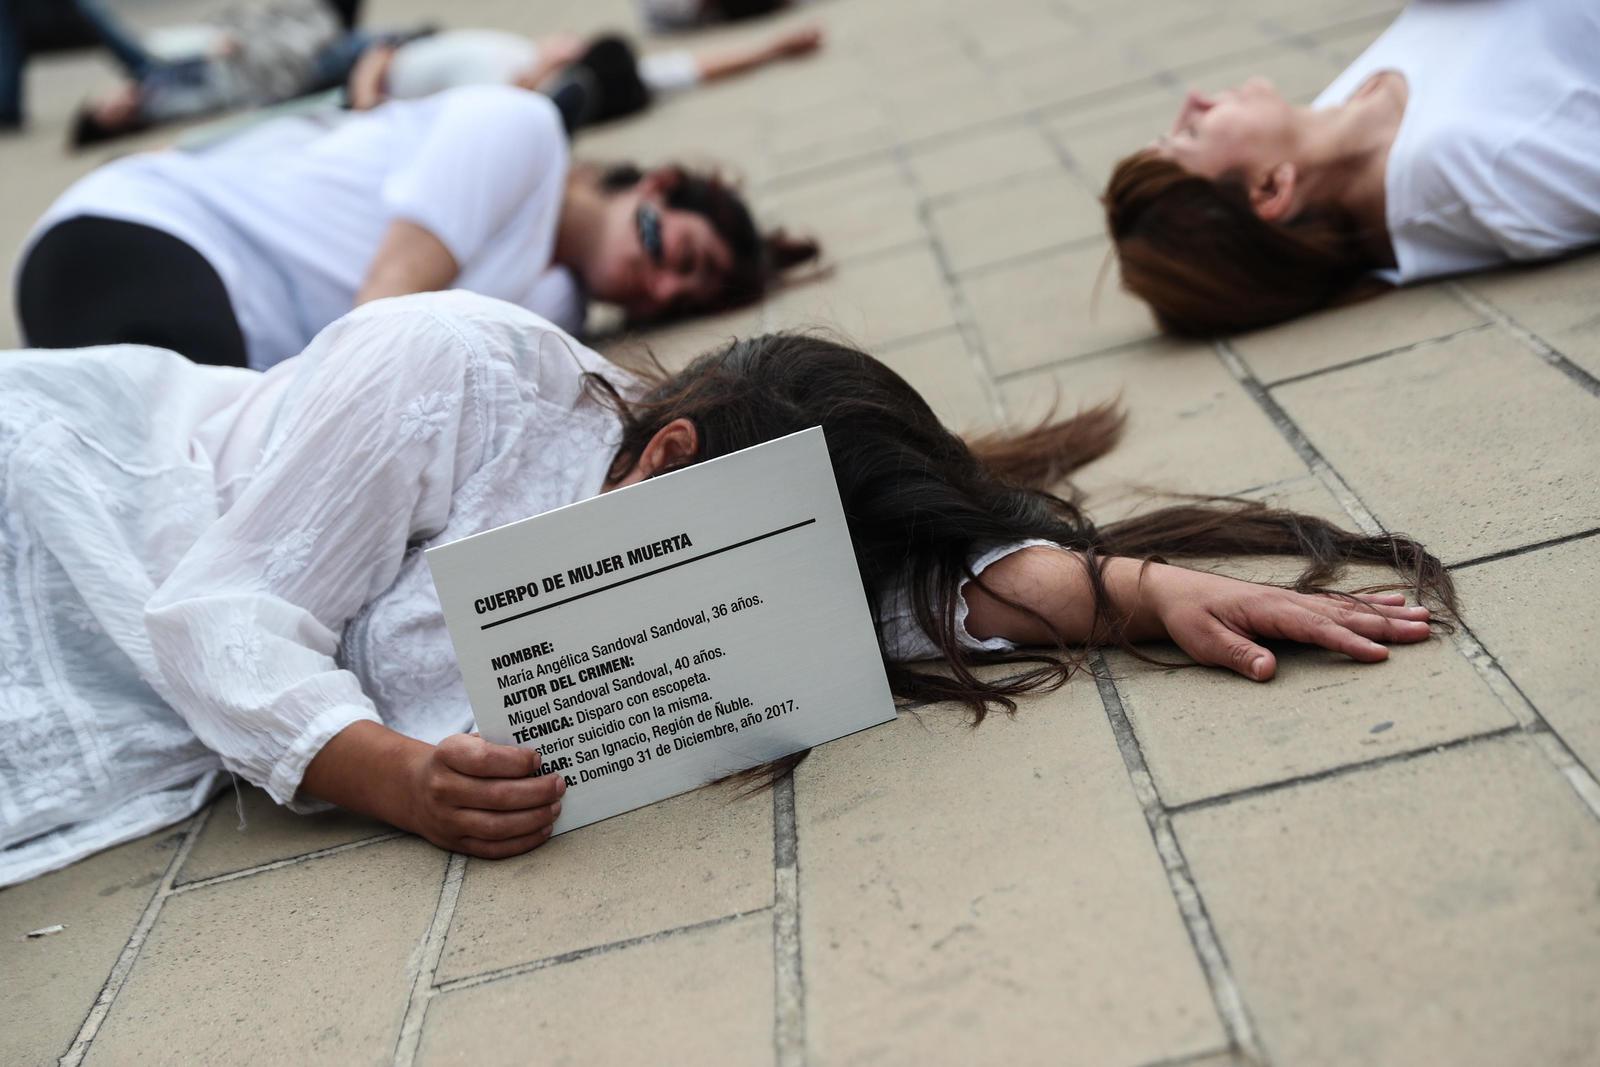 La estadística del organismo marcó 12 femicidios por día.